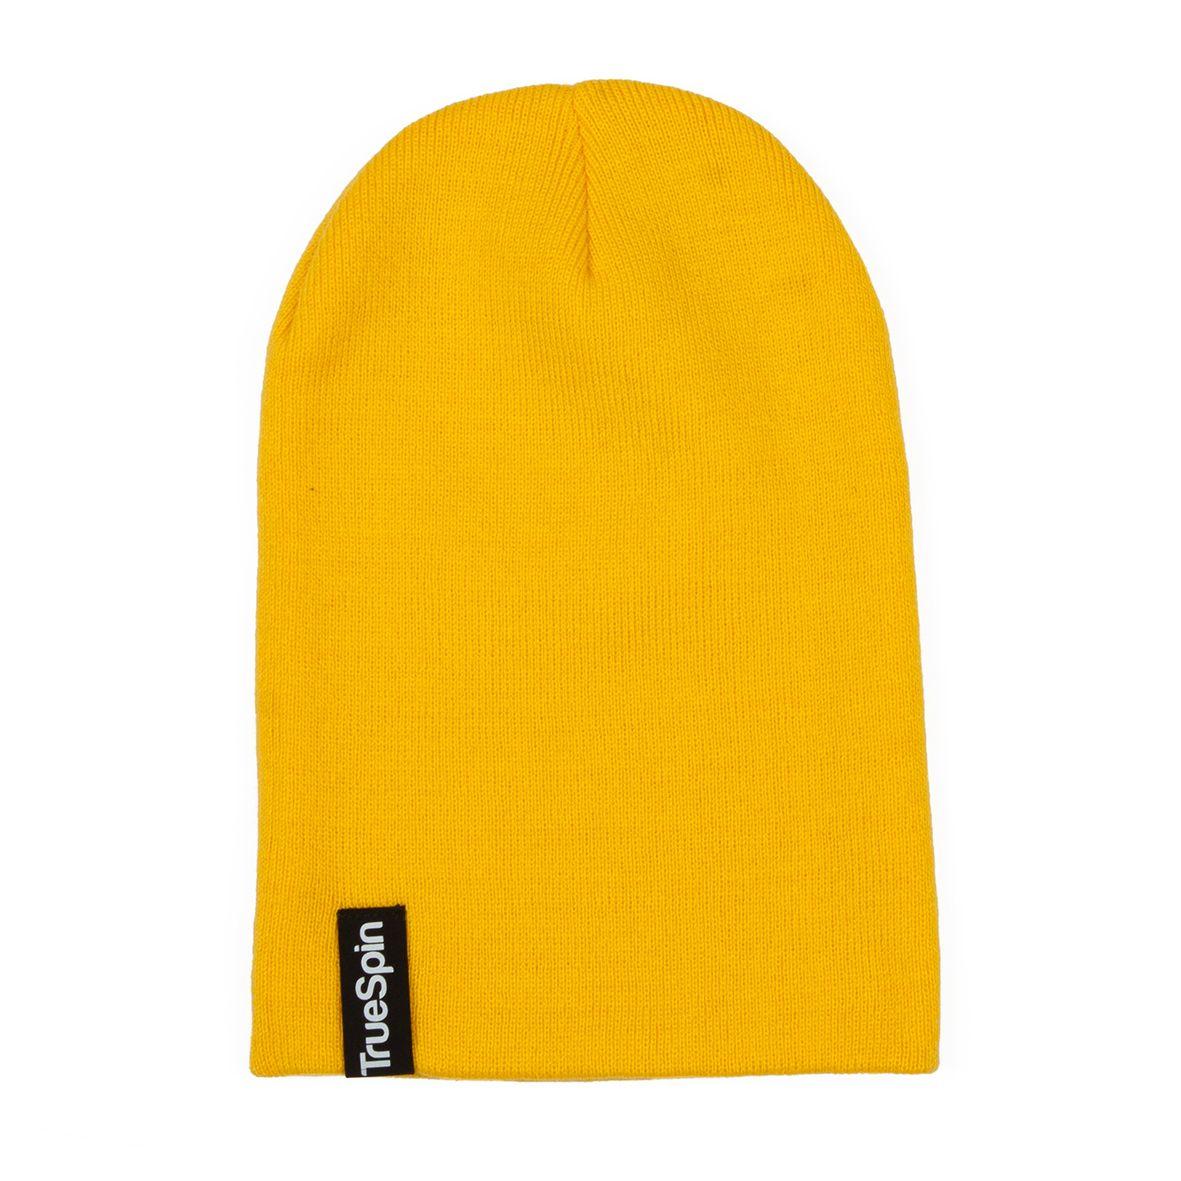 Шапка TRUESPIN Basic Style FW16 желтый купить по выгодной цене f7a405e8c0e6f